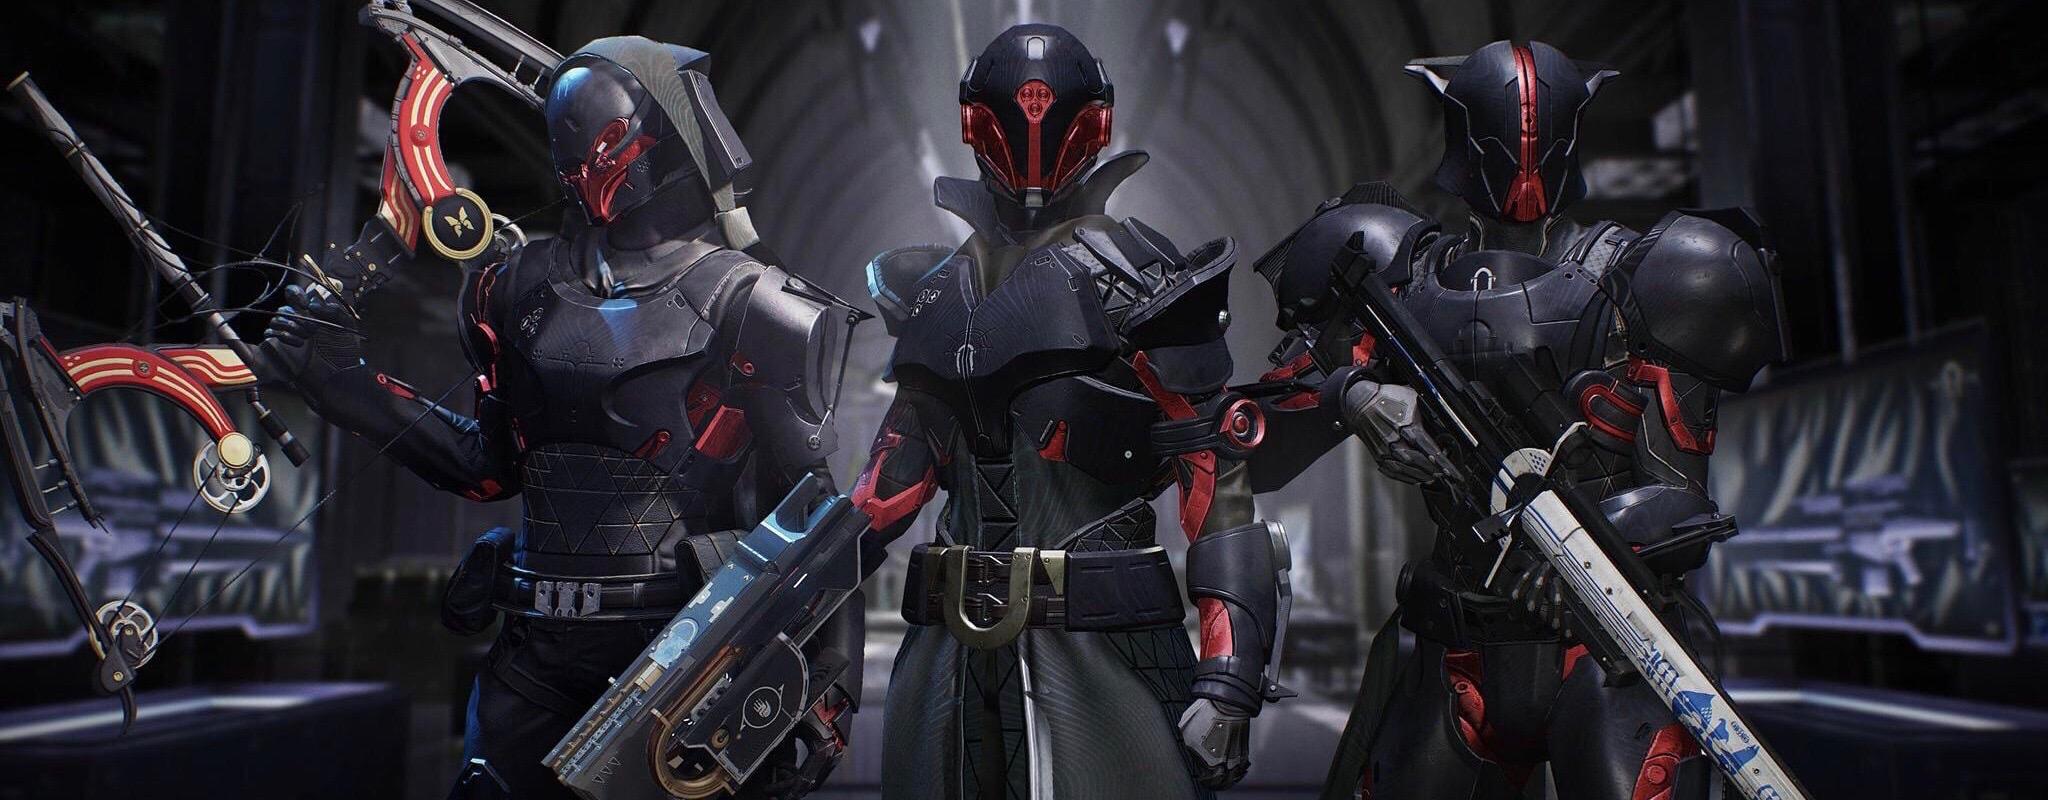 Destiny 2: Update 2.5.0.3 ist live – Patch Notes und alle Infos